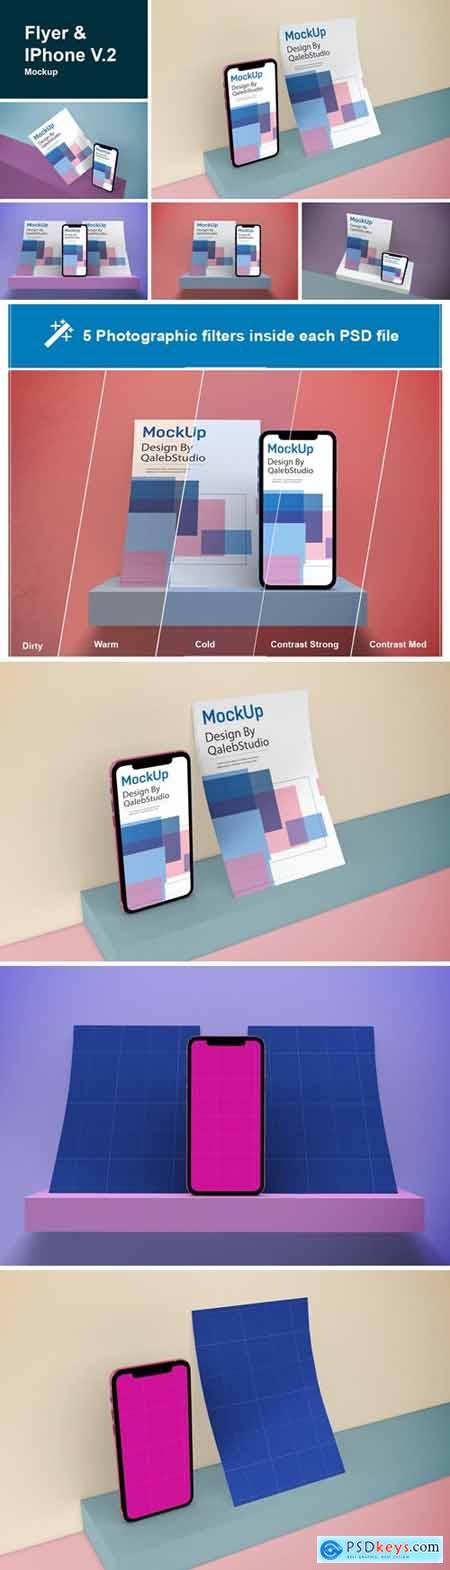 Flyer & iPhone V.2 Mockup